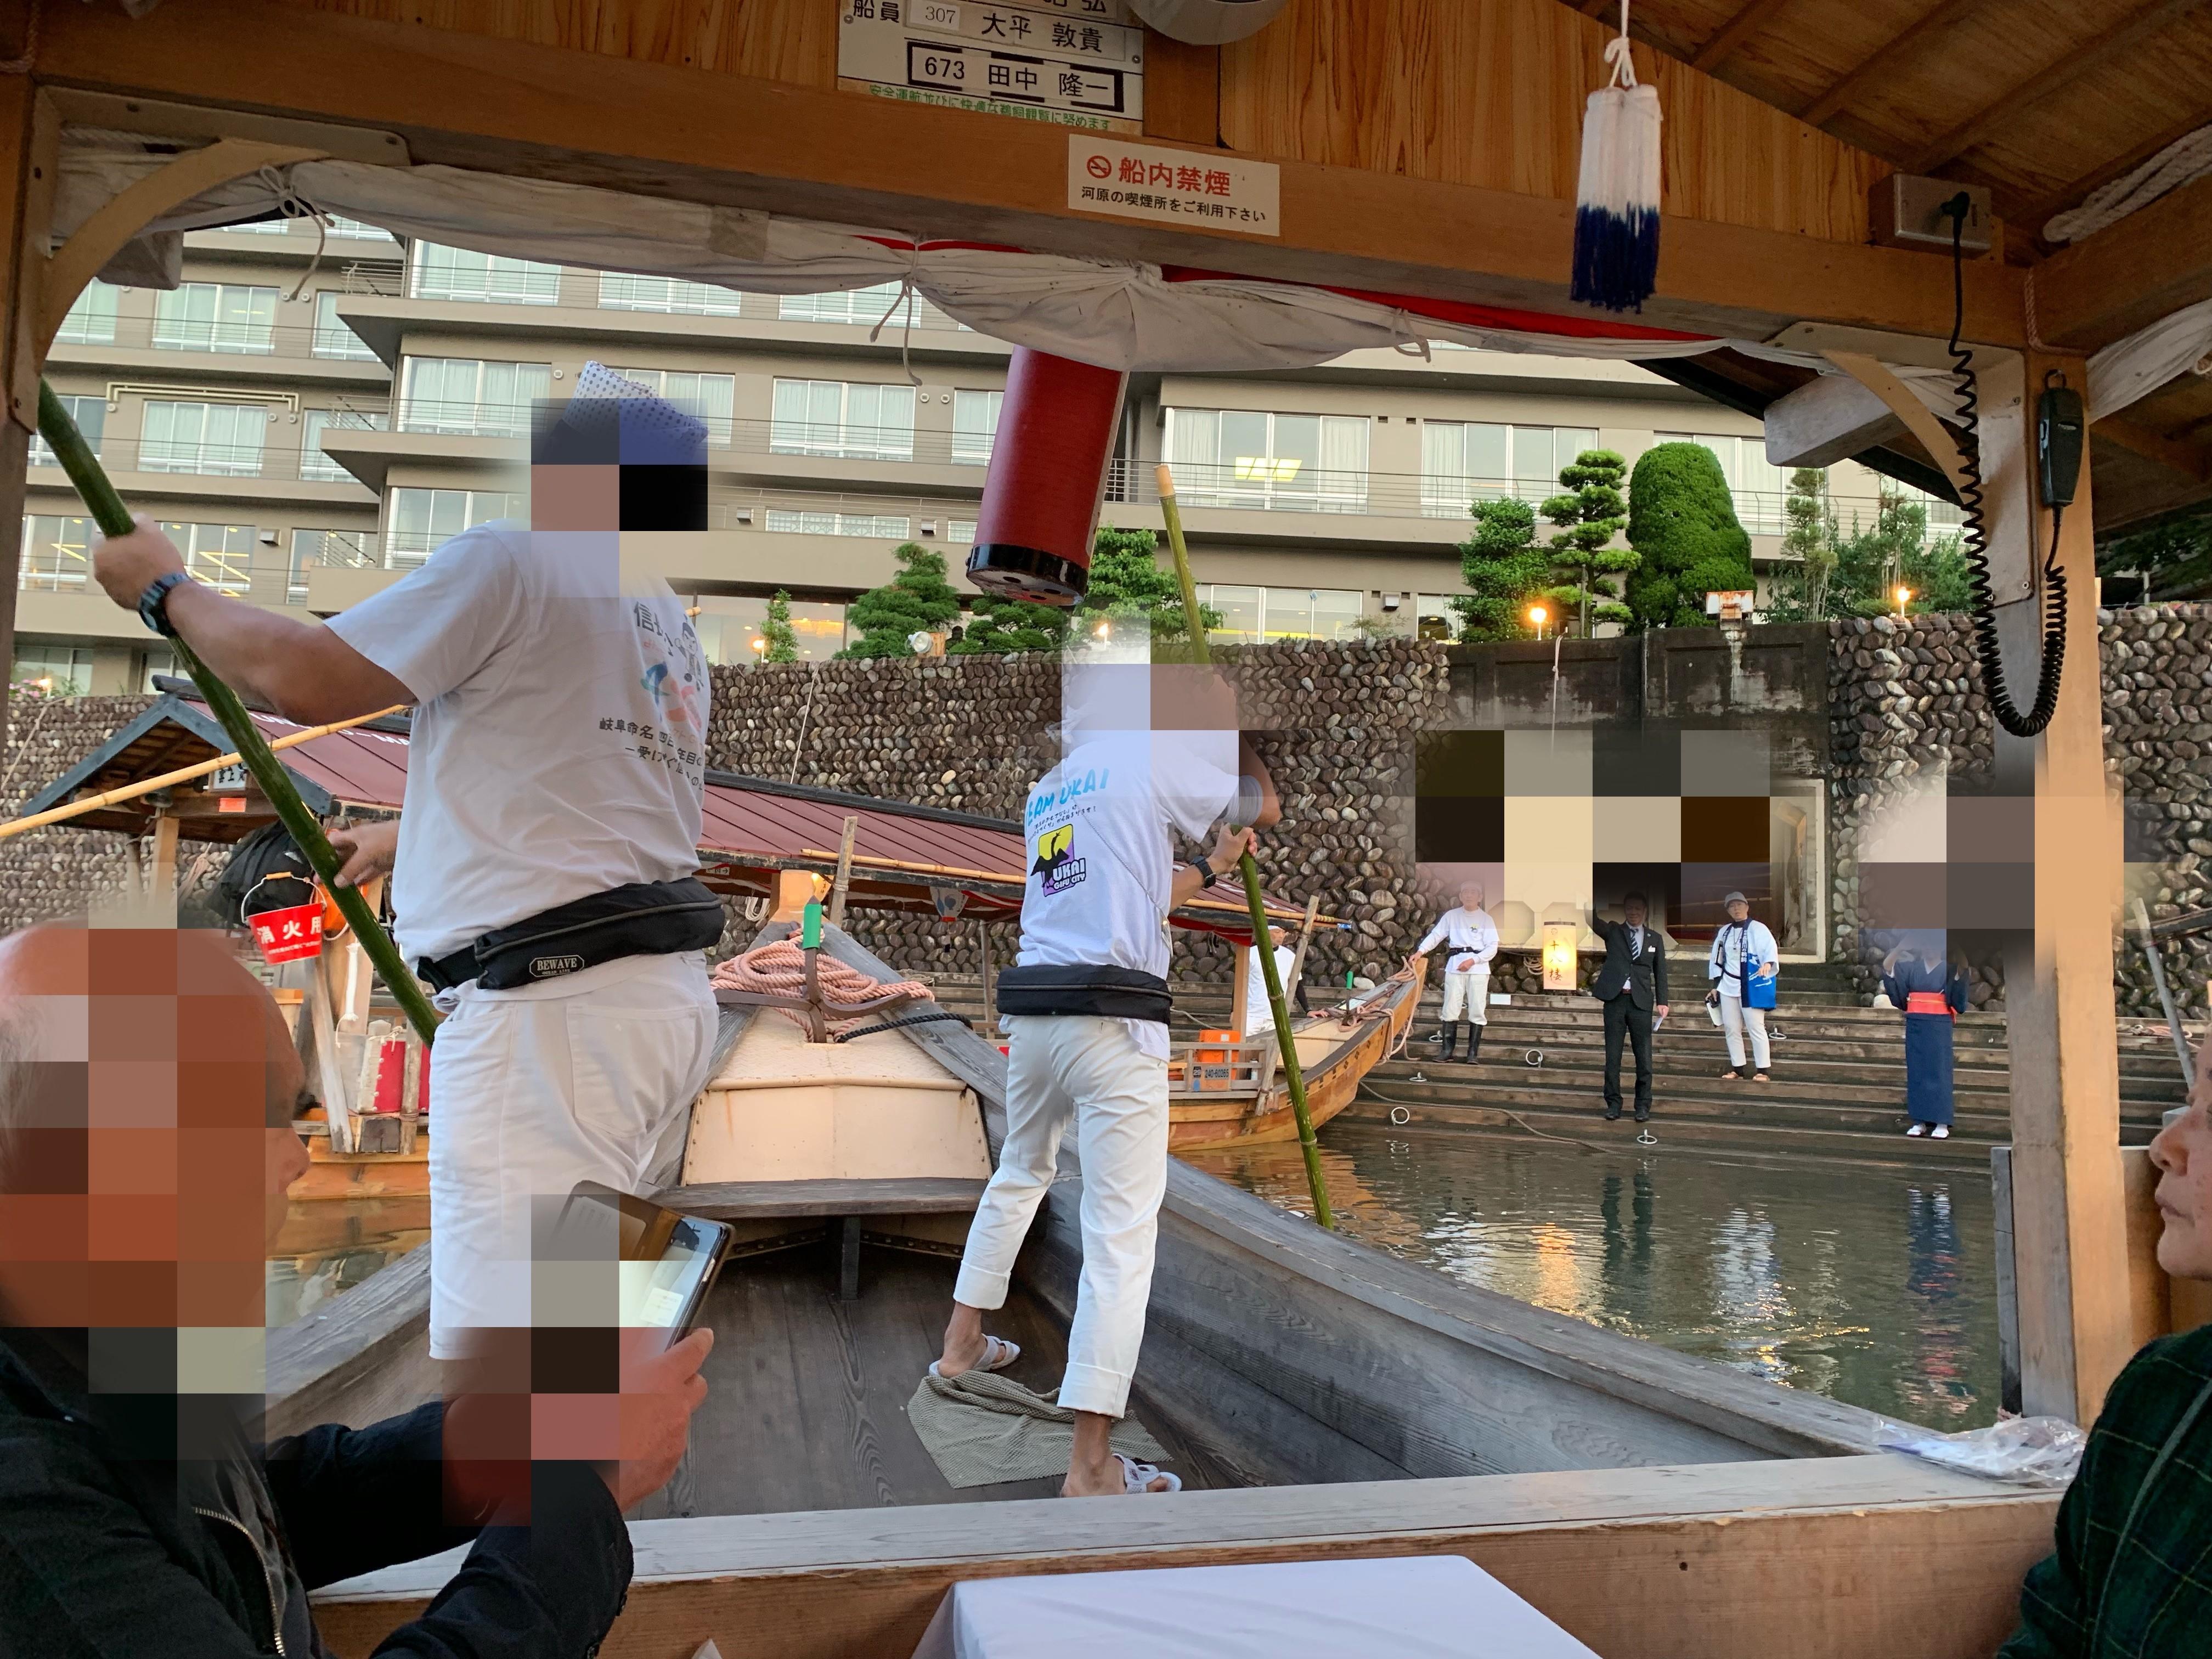 長良川温泉の旅館十八楼での鵜飼いの画像